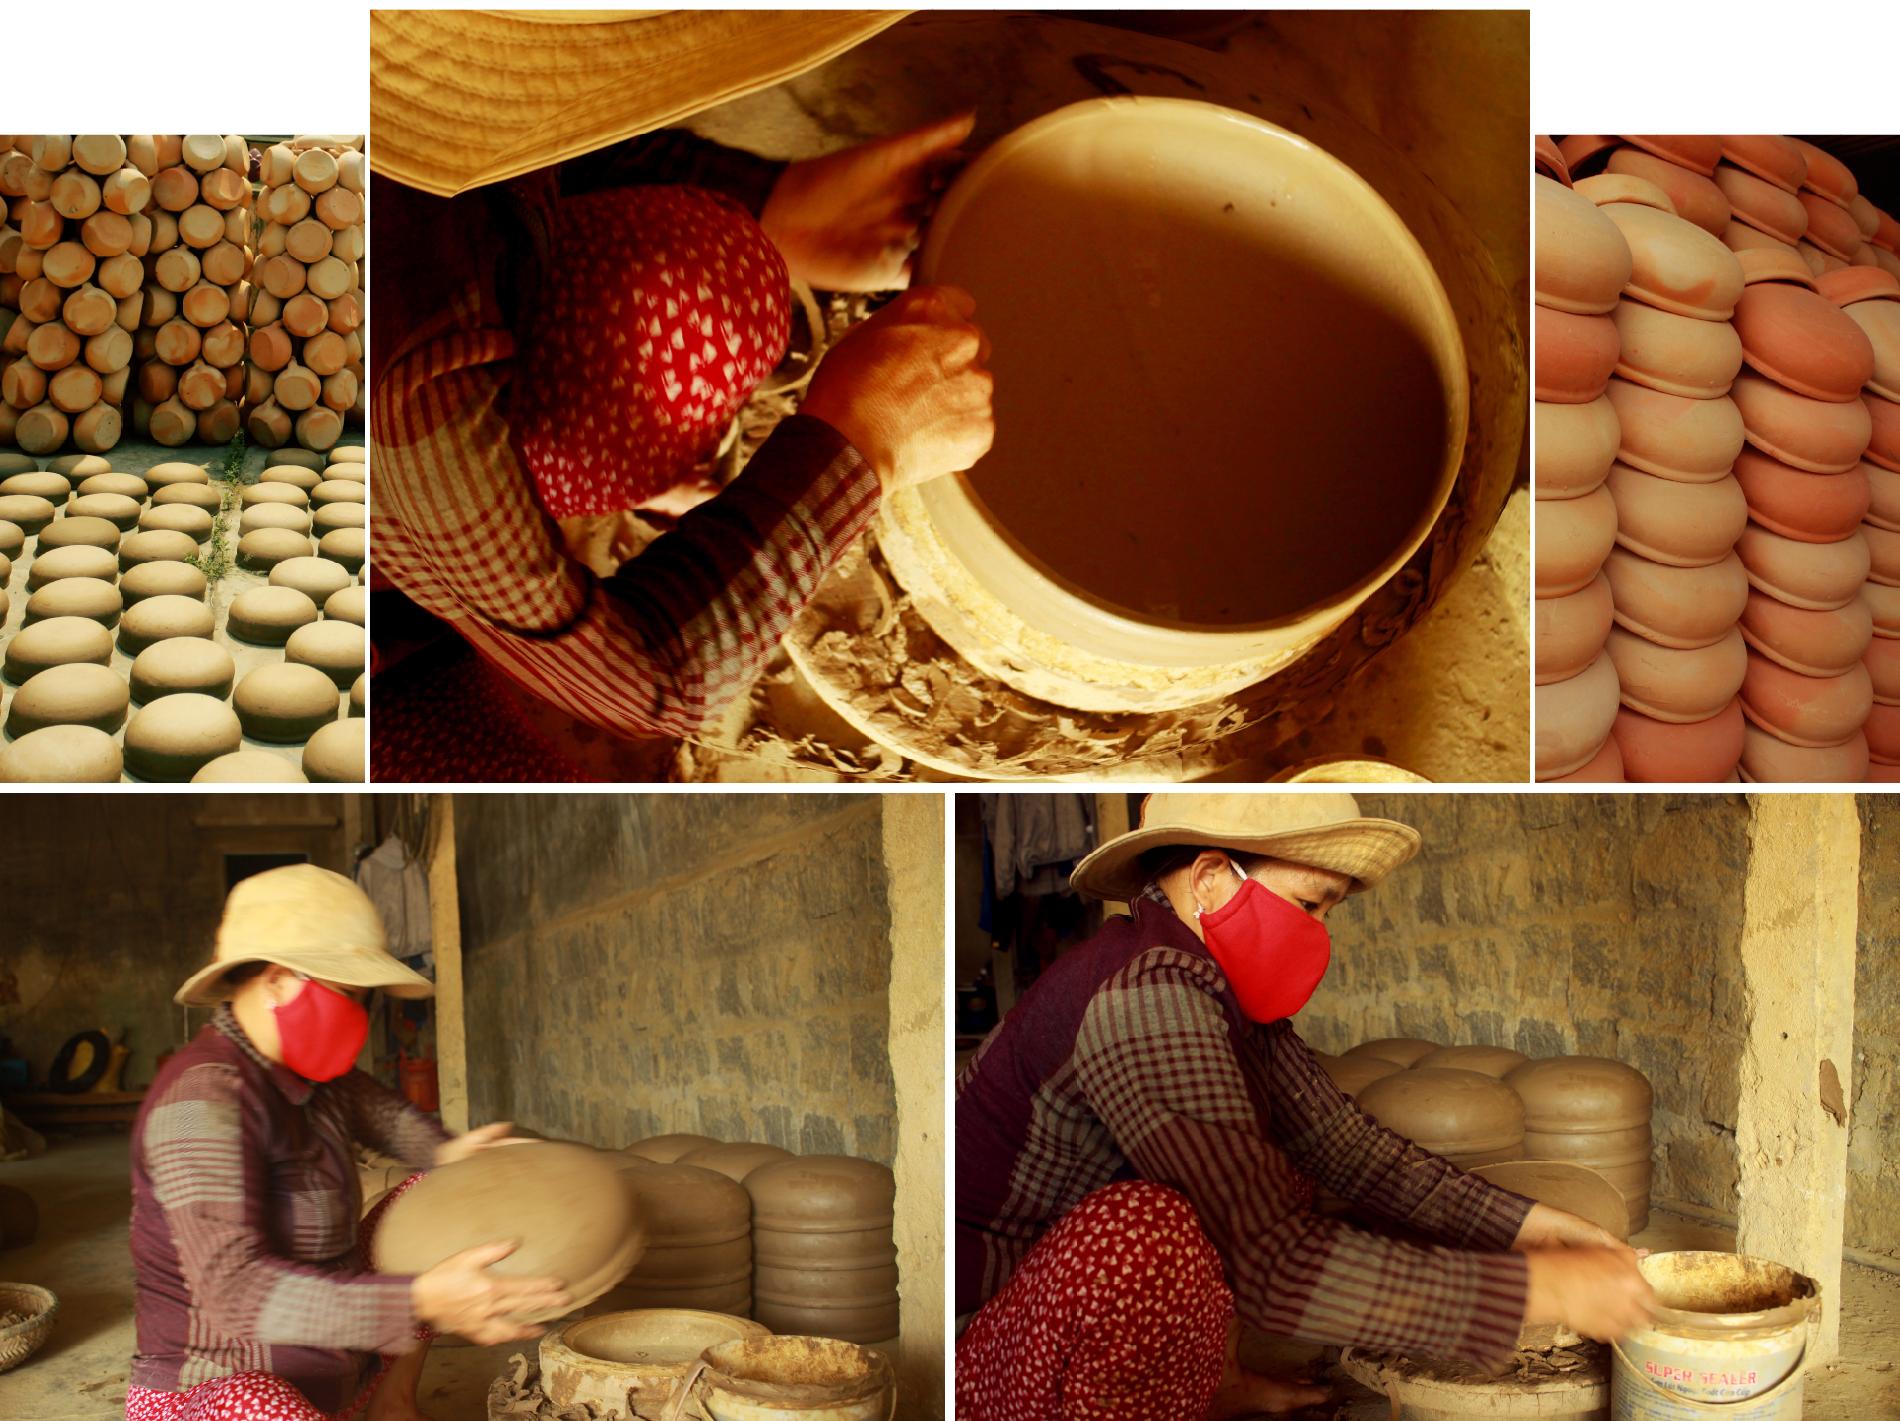 Làng gốm Trung Sơn - Làng của những chiếc nồi gốm nung ảnh 10